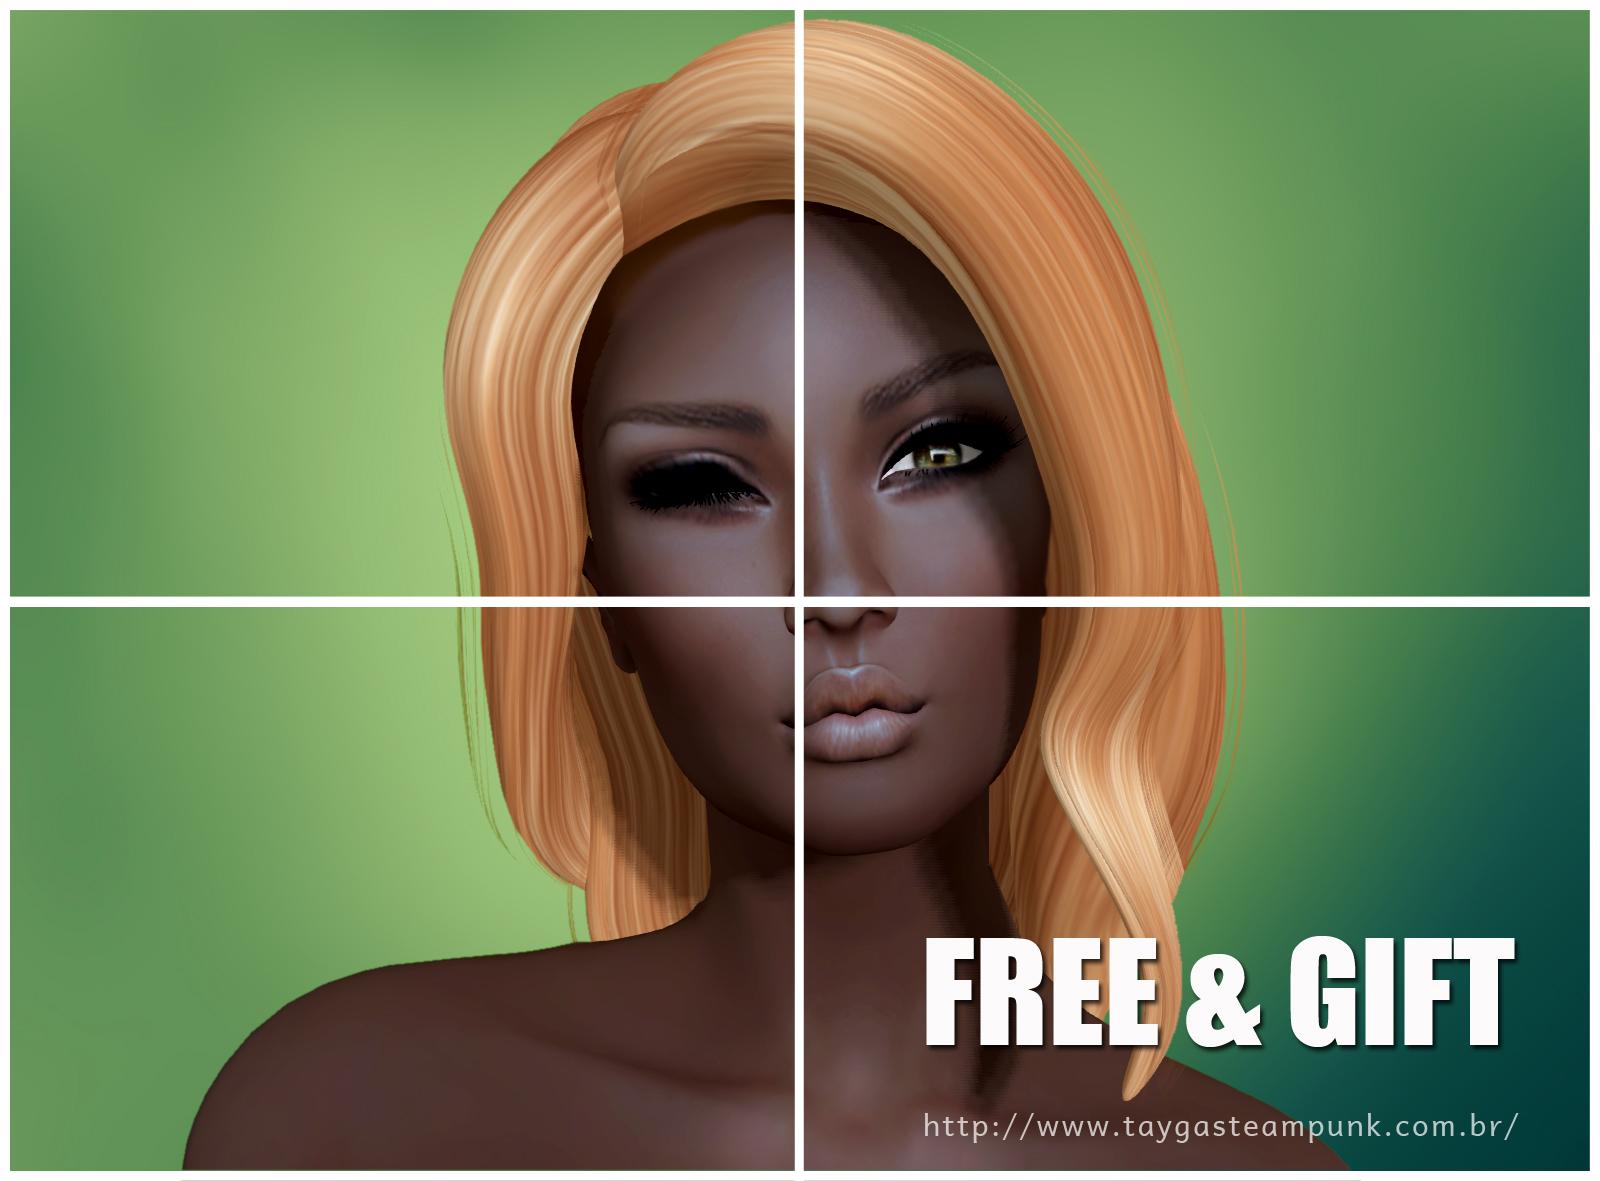 Free & Gift... #54